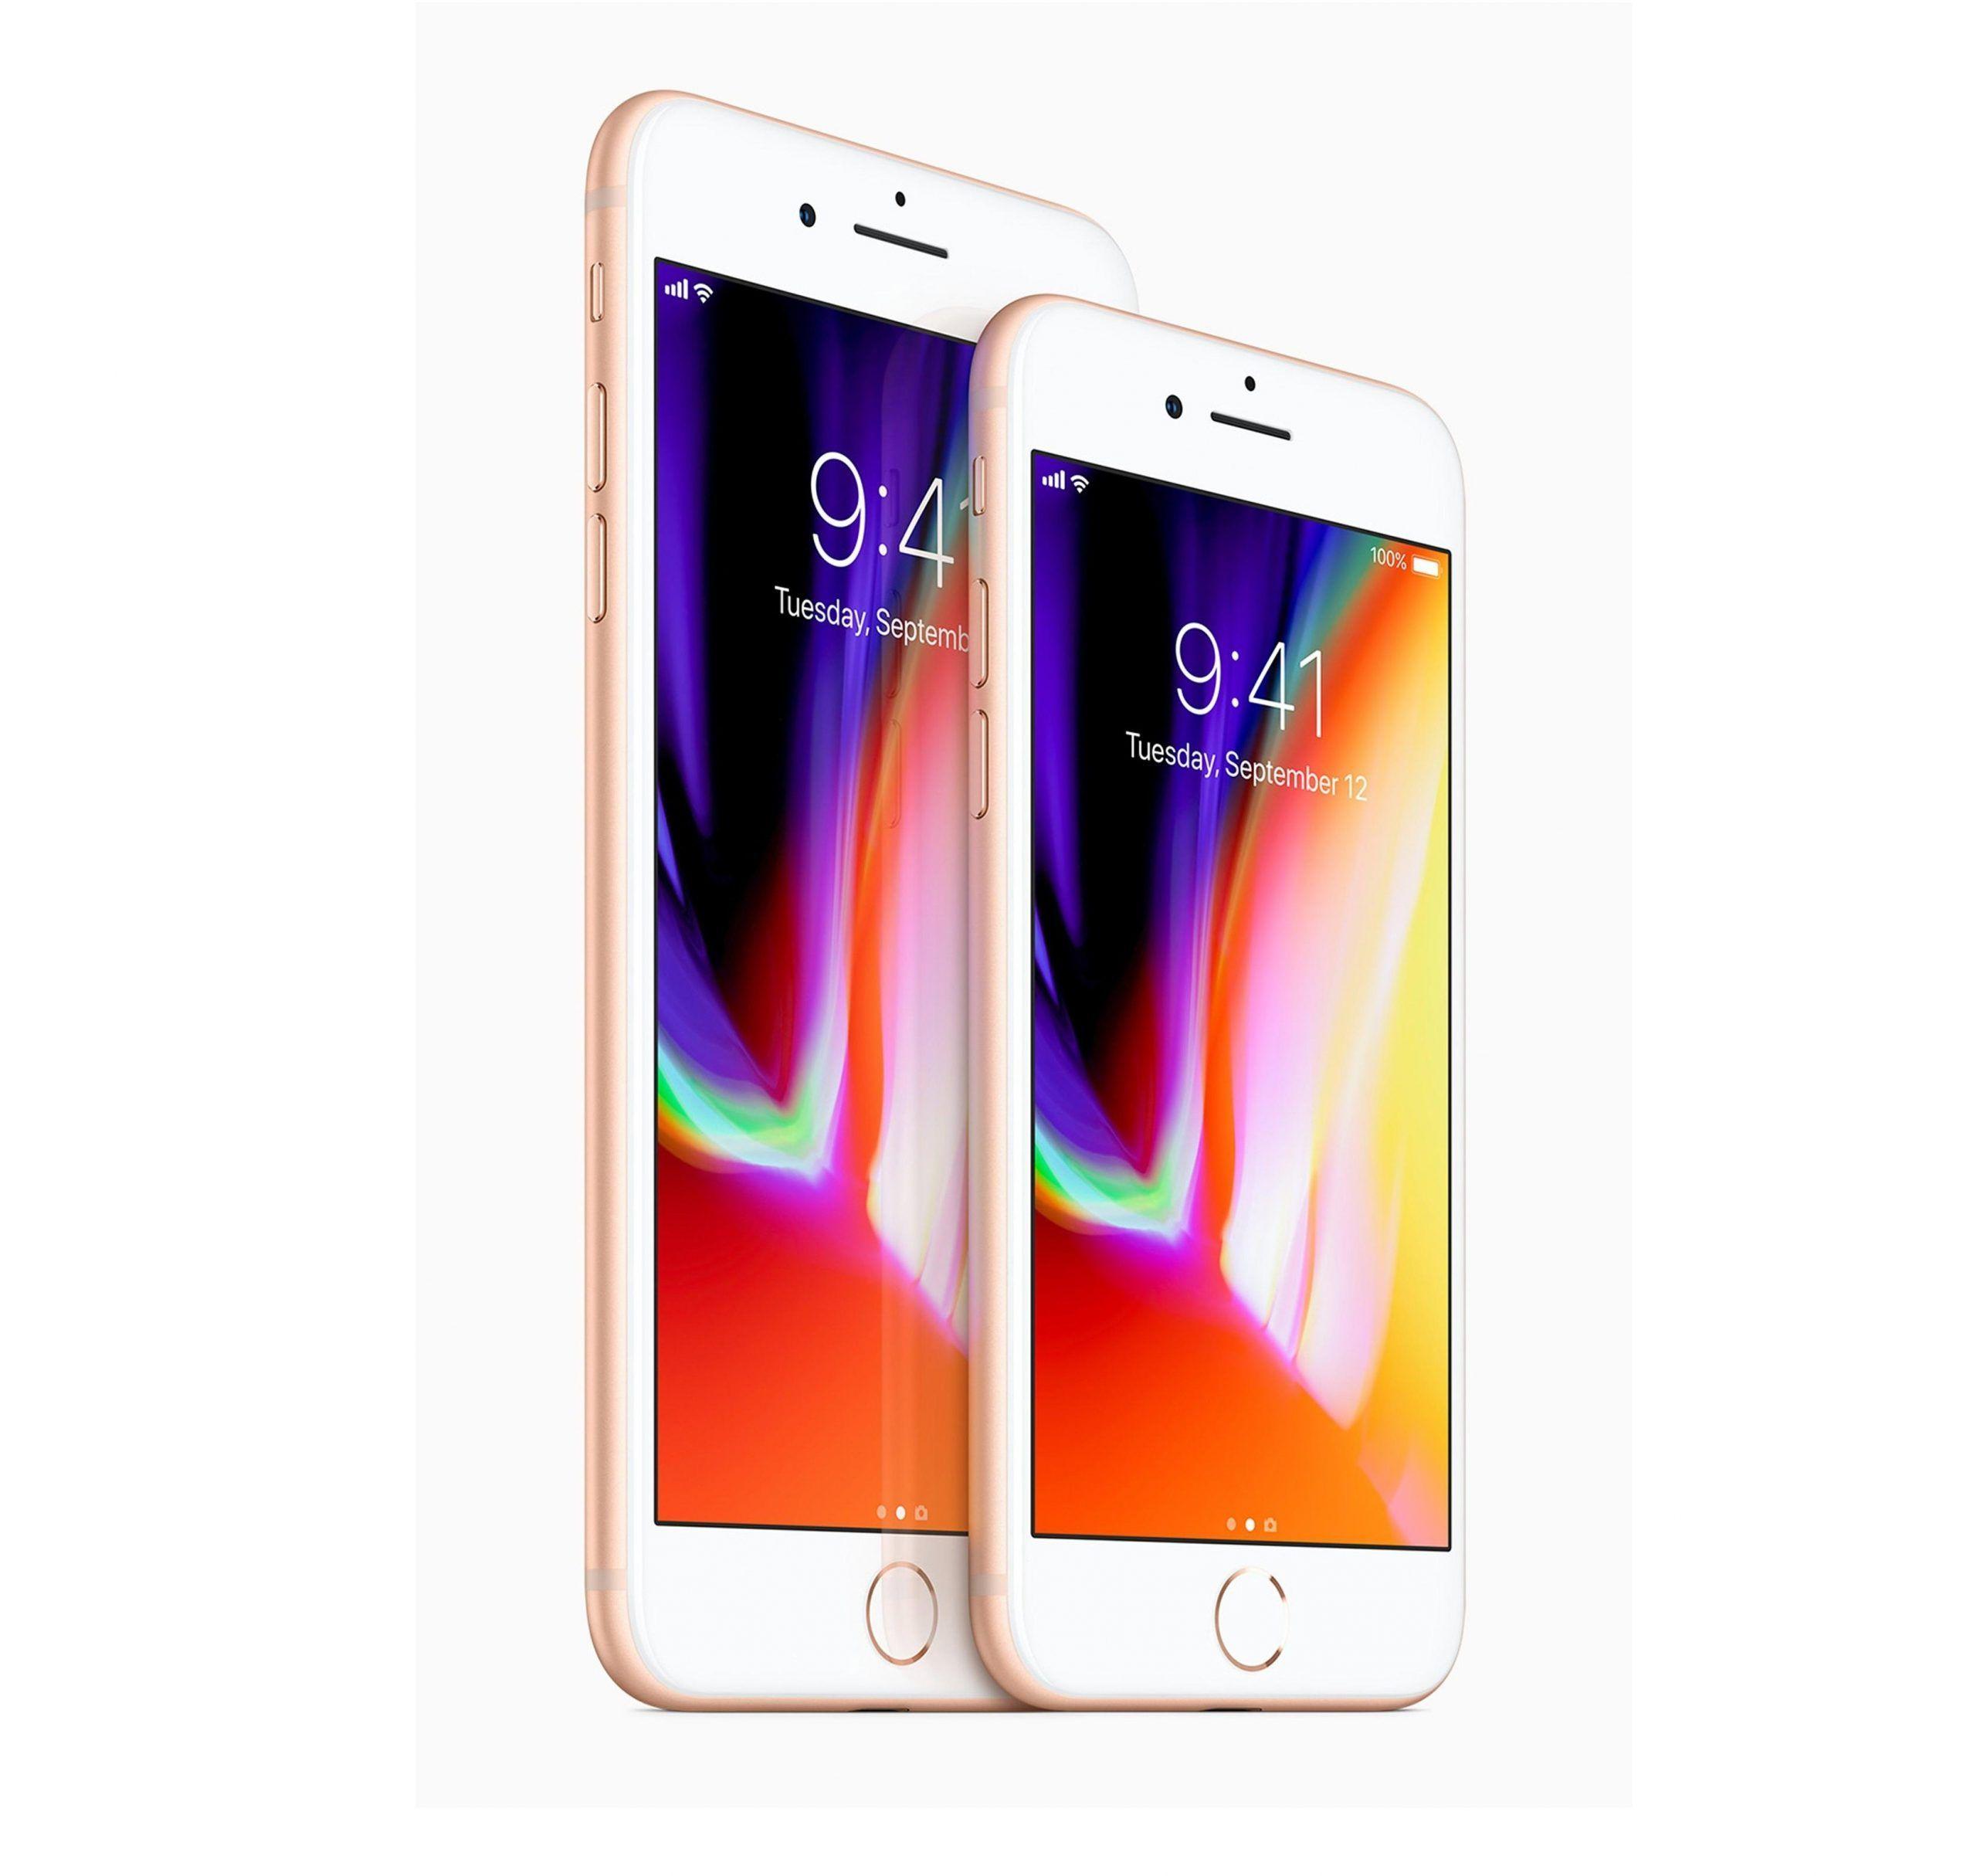 iPhone 8 e iPhone 8 Plus: novità, caratteristiche e prezzo